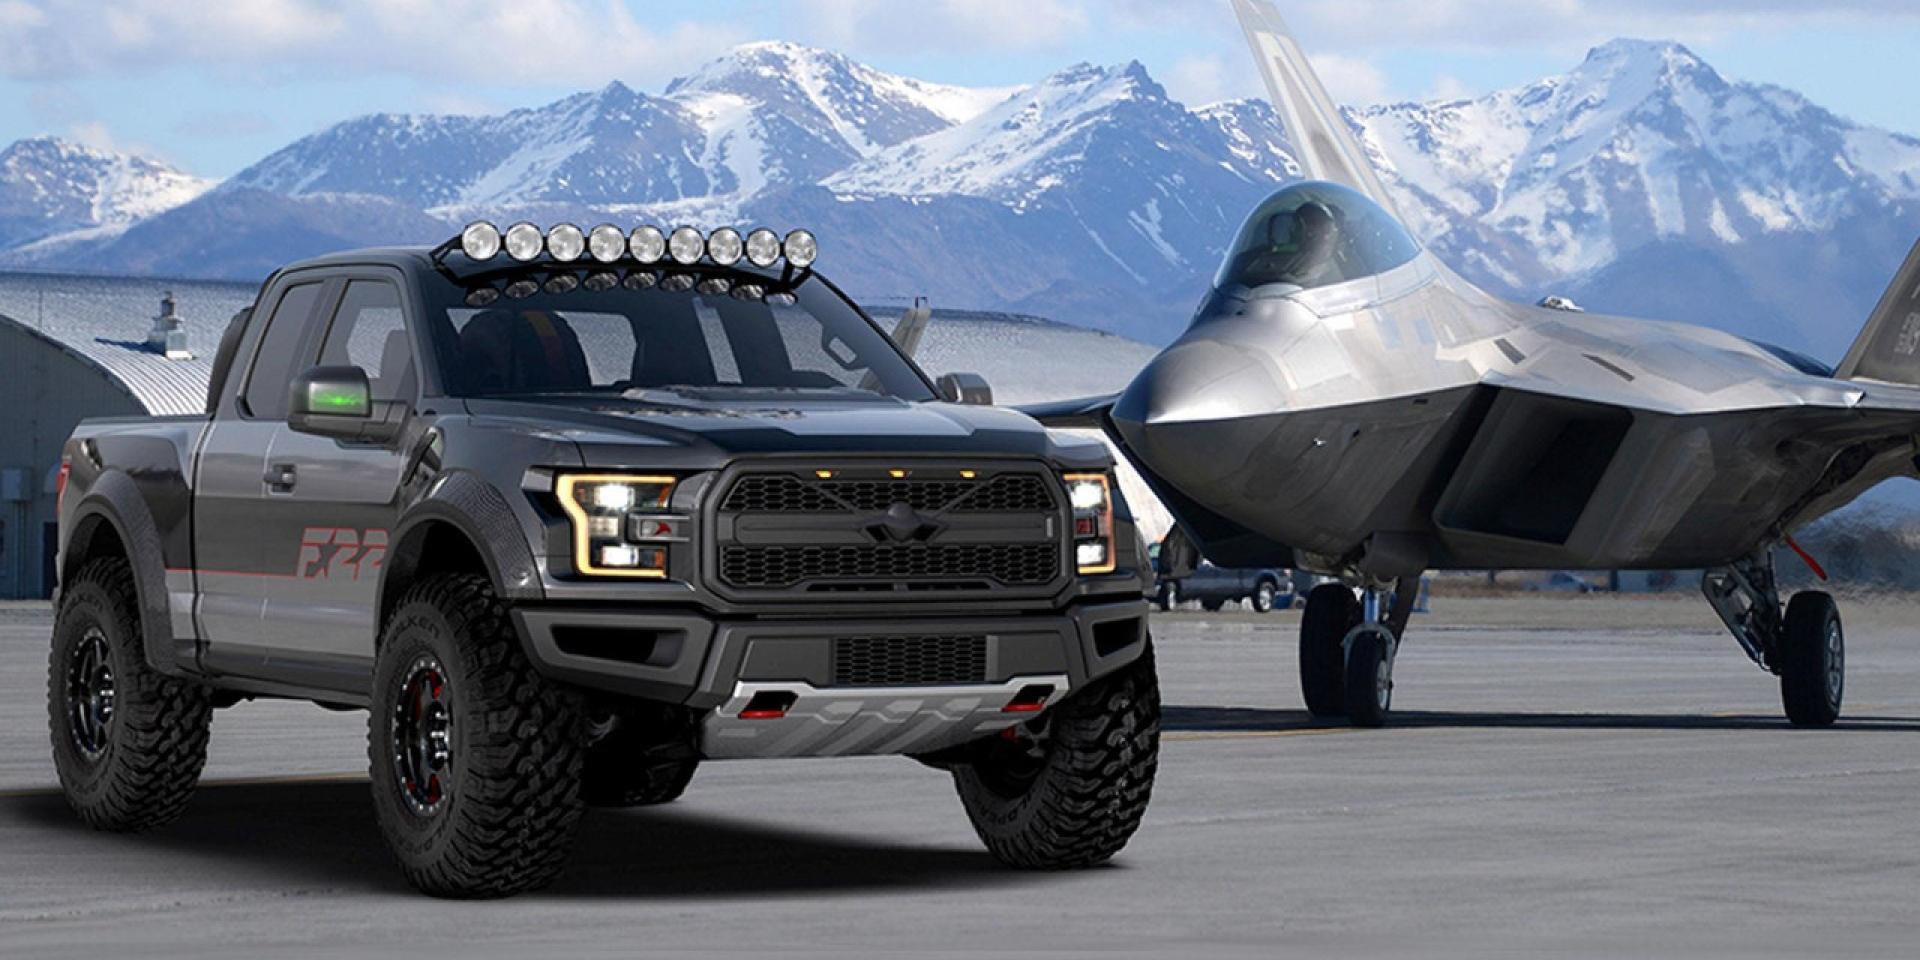 猛禽貨卡對猛禽戰機 Ford F-150 Raptor 推F22聯名款